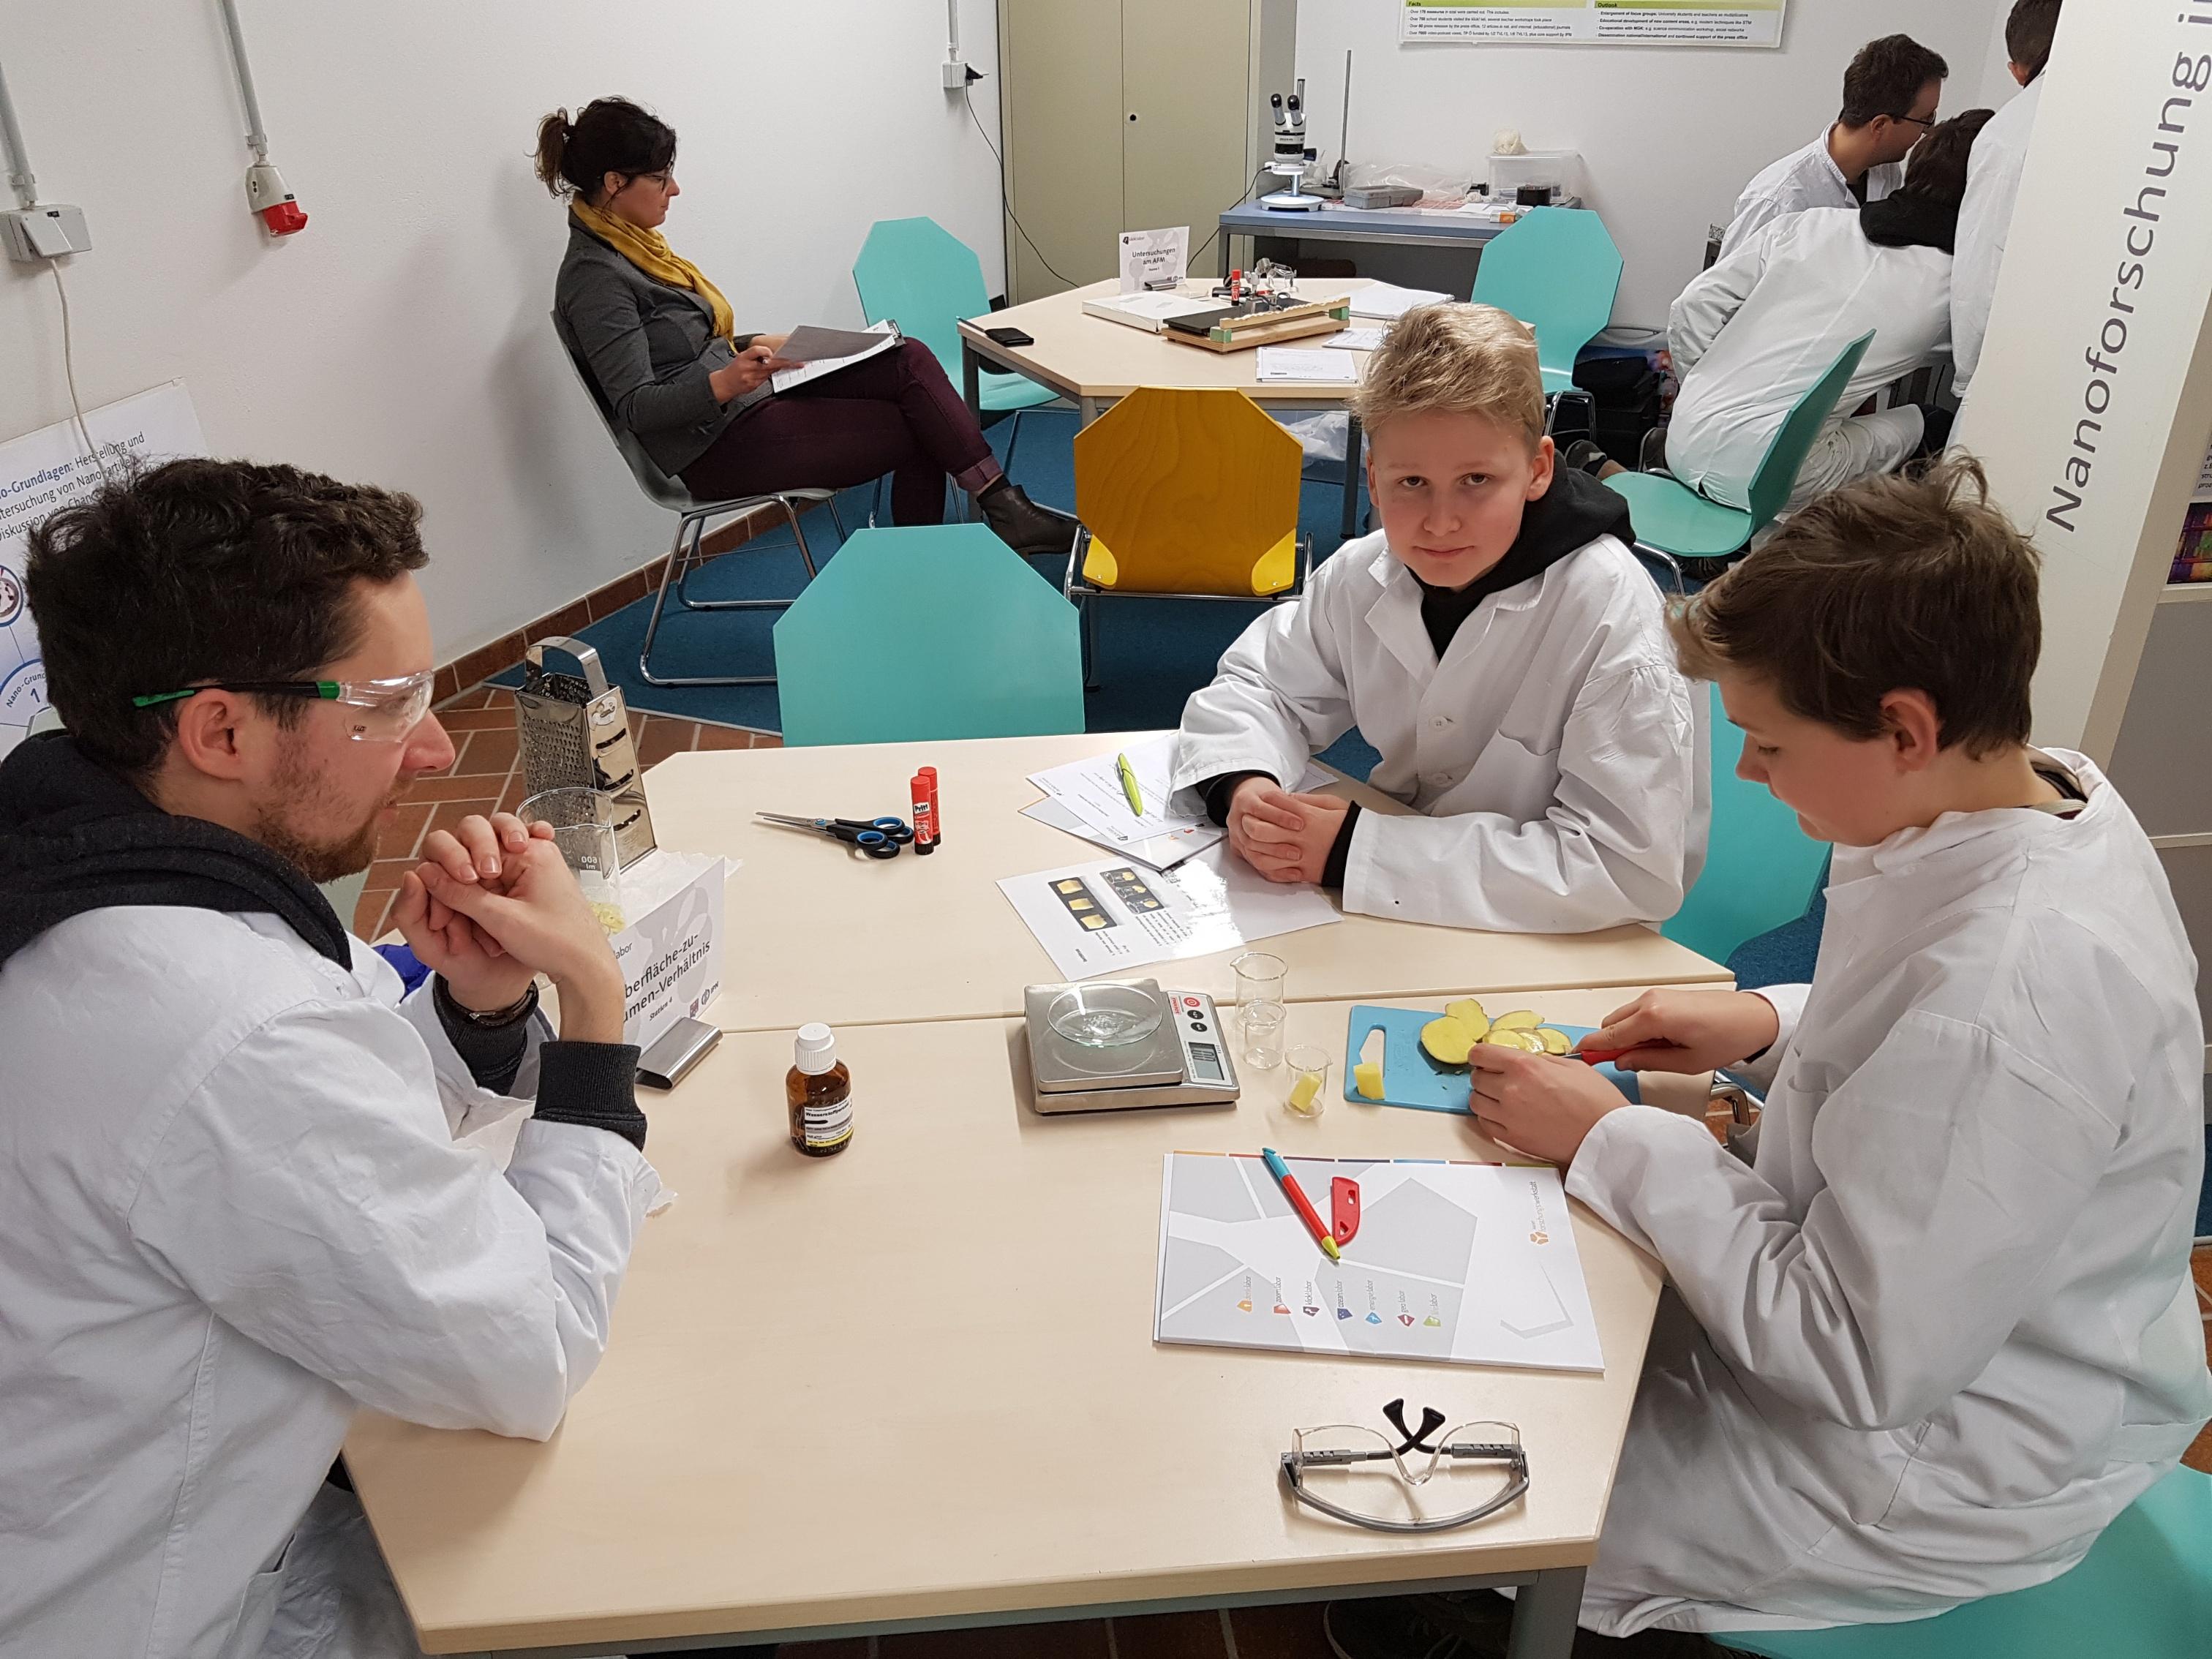 Besuch in der Forschungs-Werkstatt Kiel